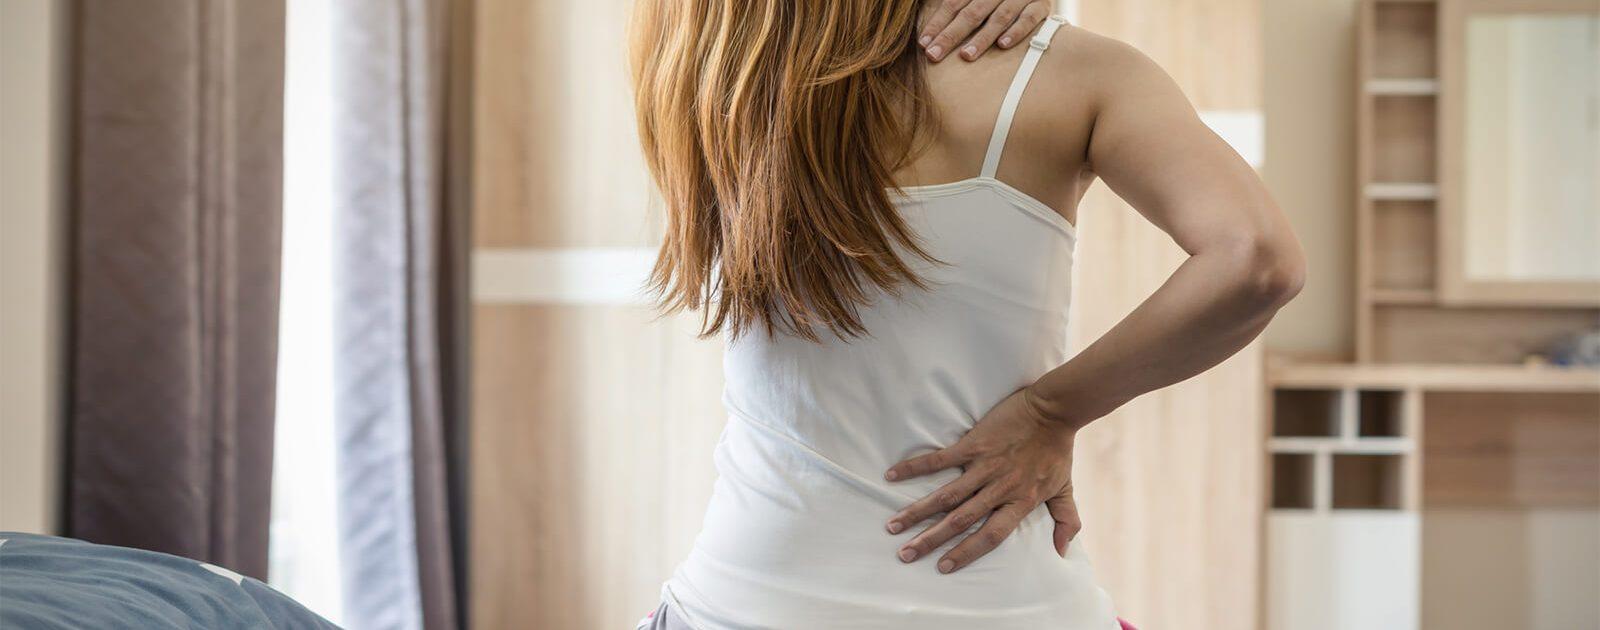 Frau leidet unter Rückenschmerzen